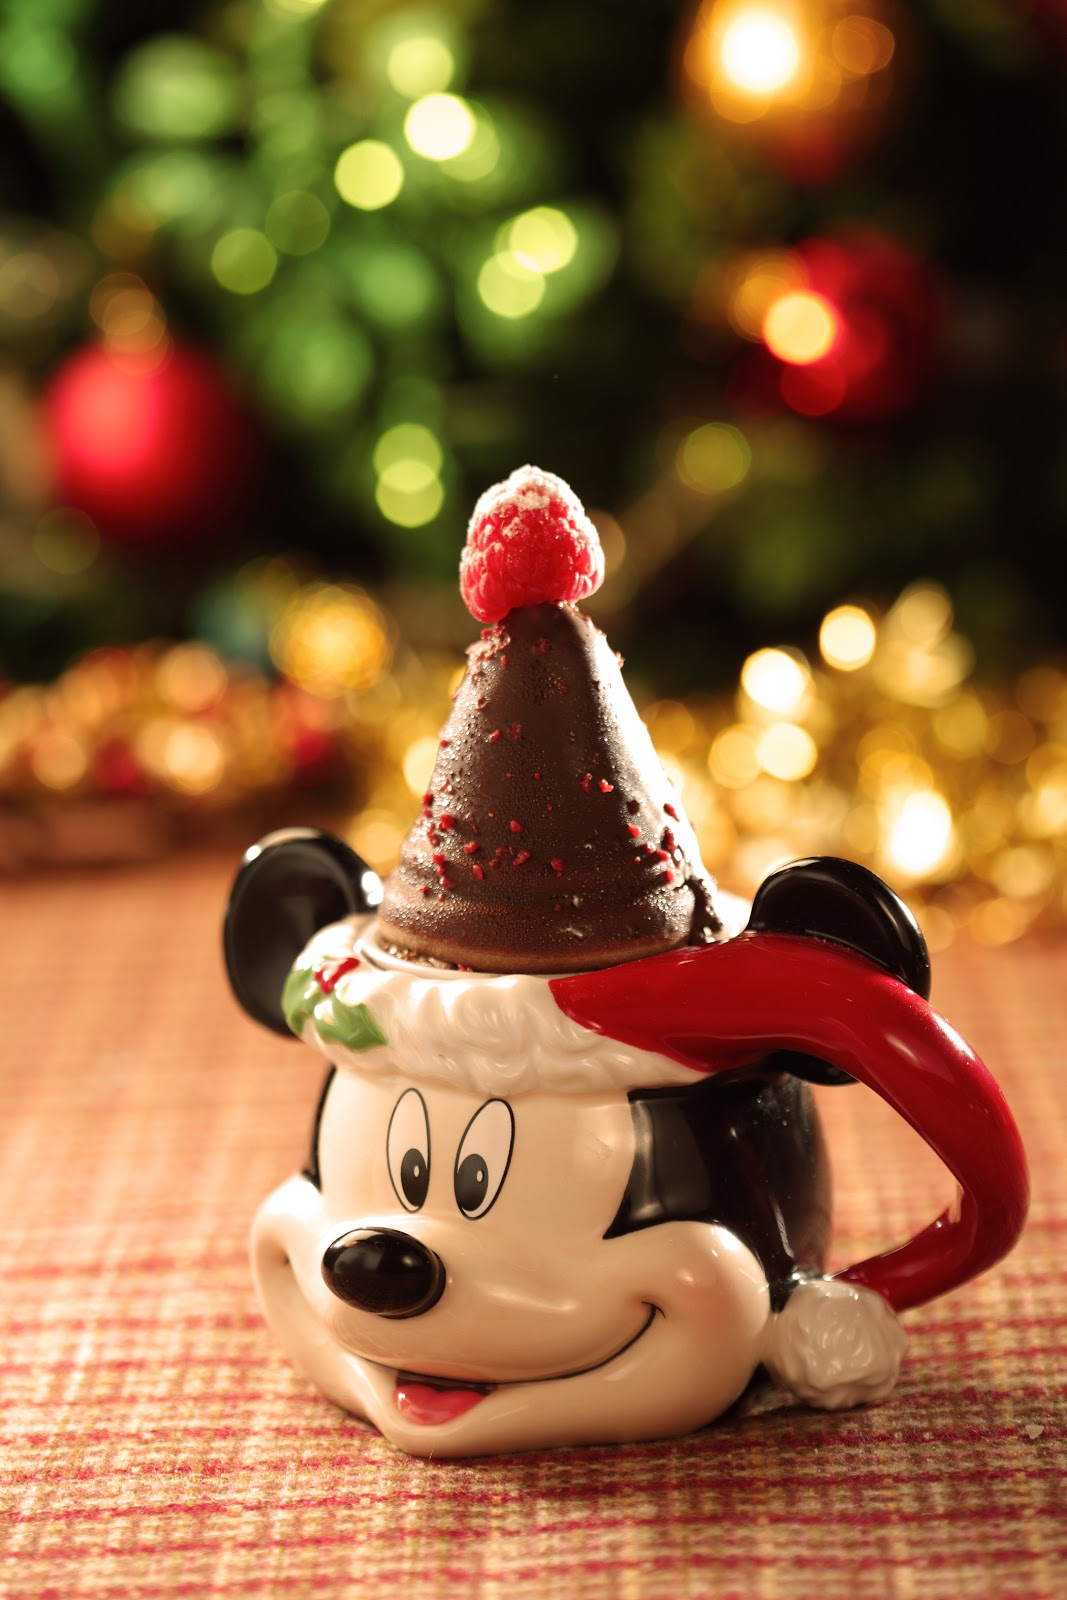 disney christmas 迪士尼雪亮聖誕